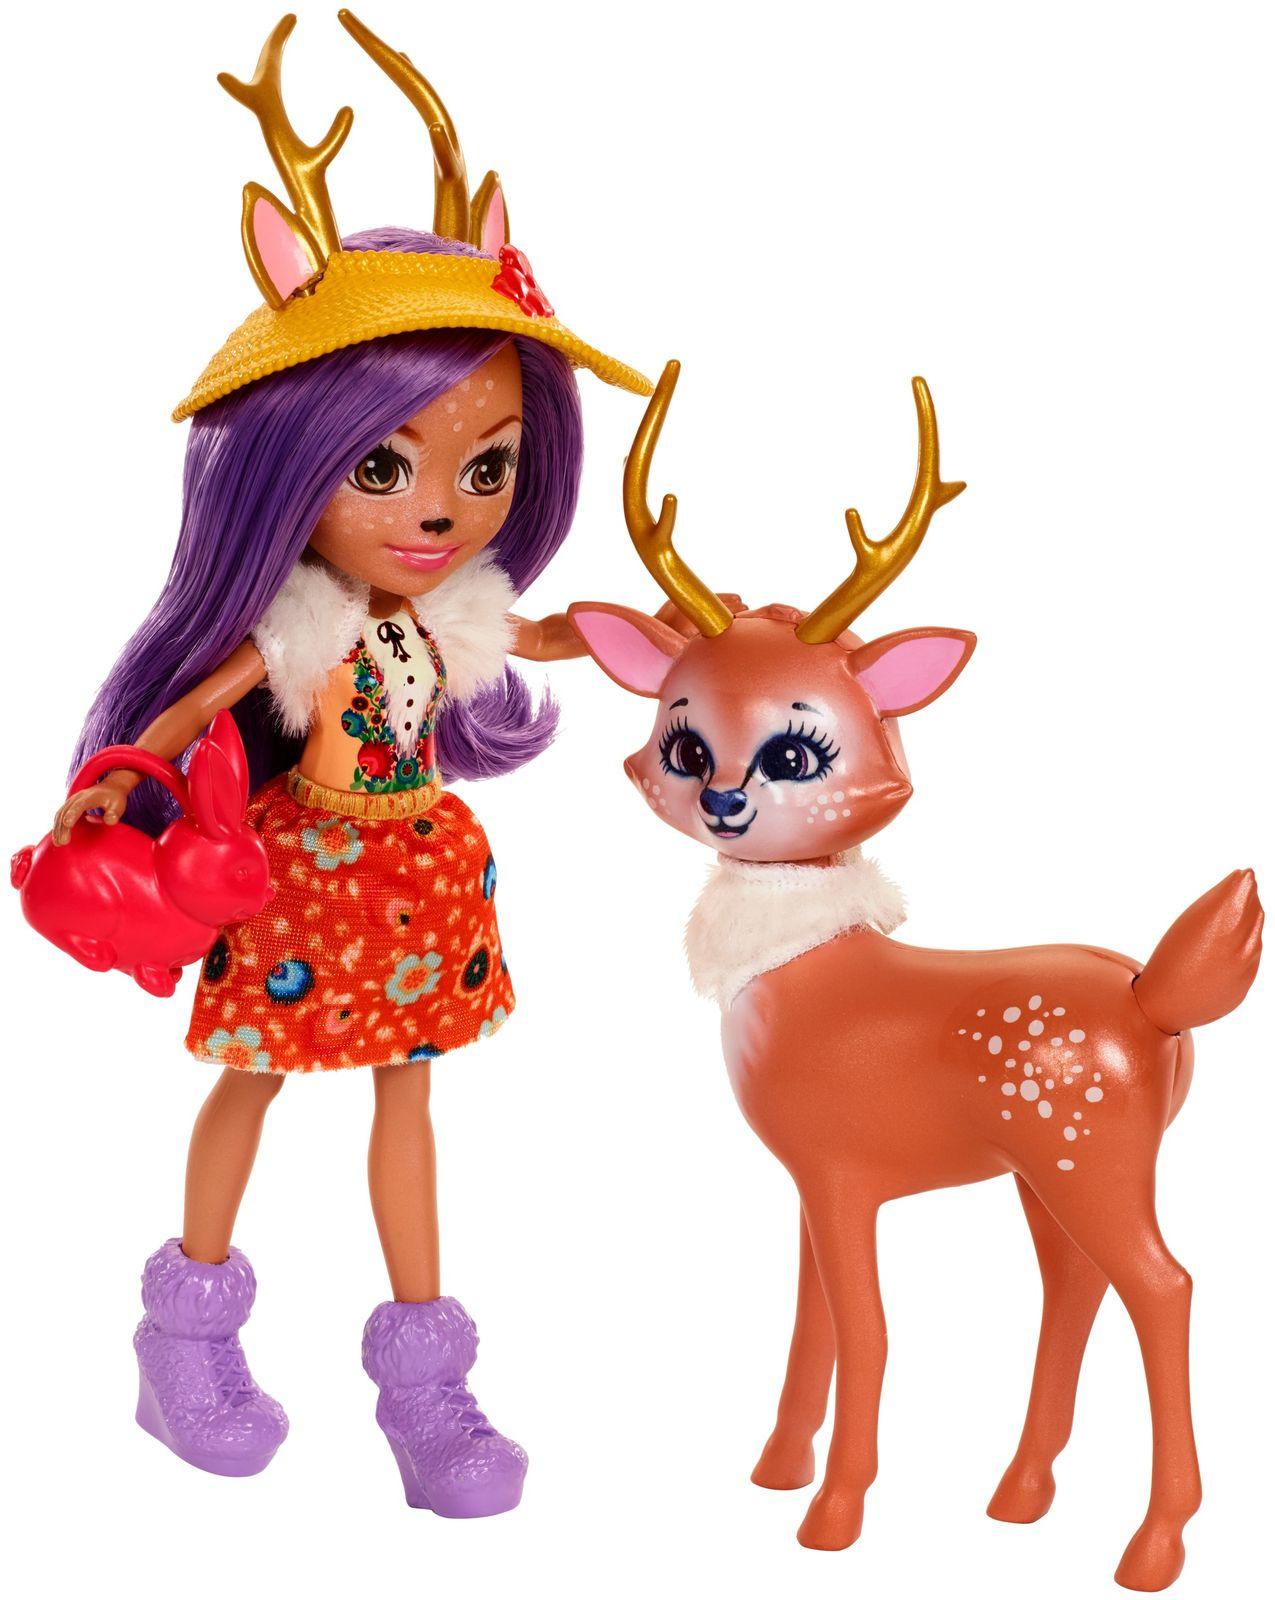 Enchantimals Игровой набор с куклой Garden Magic, Куклы и аксессуары  - купить со скидкой